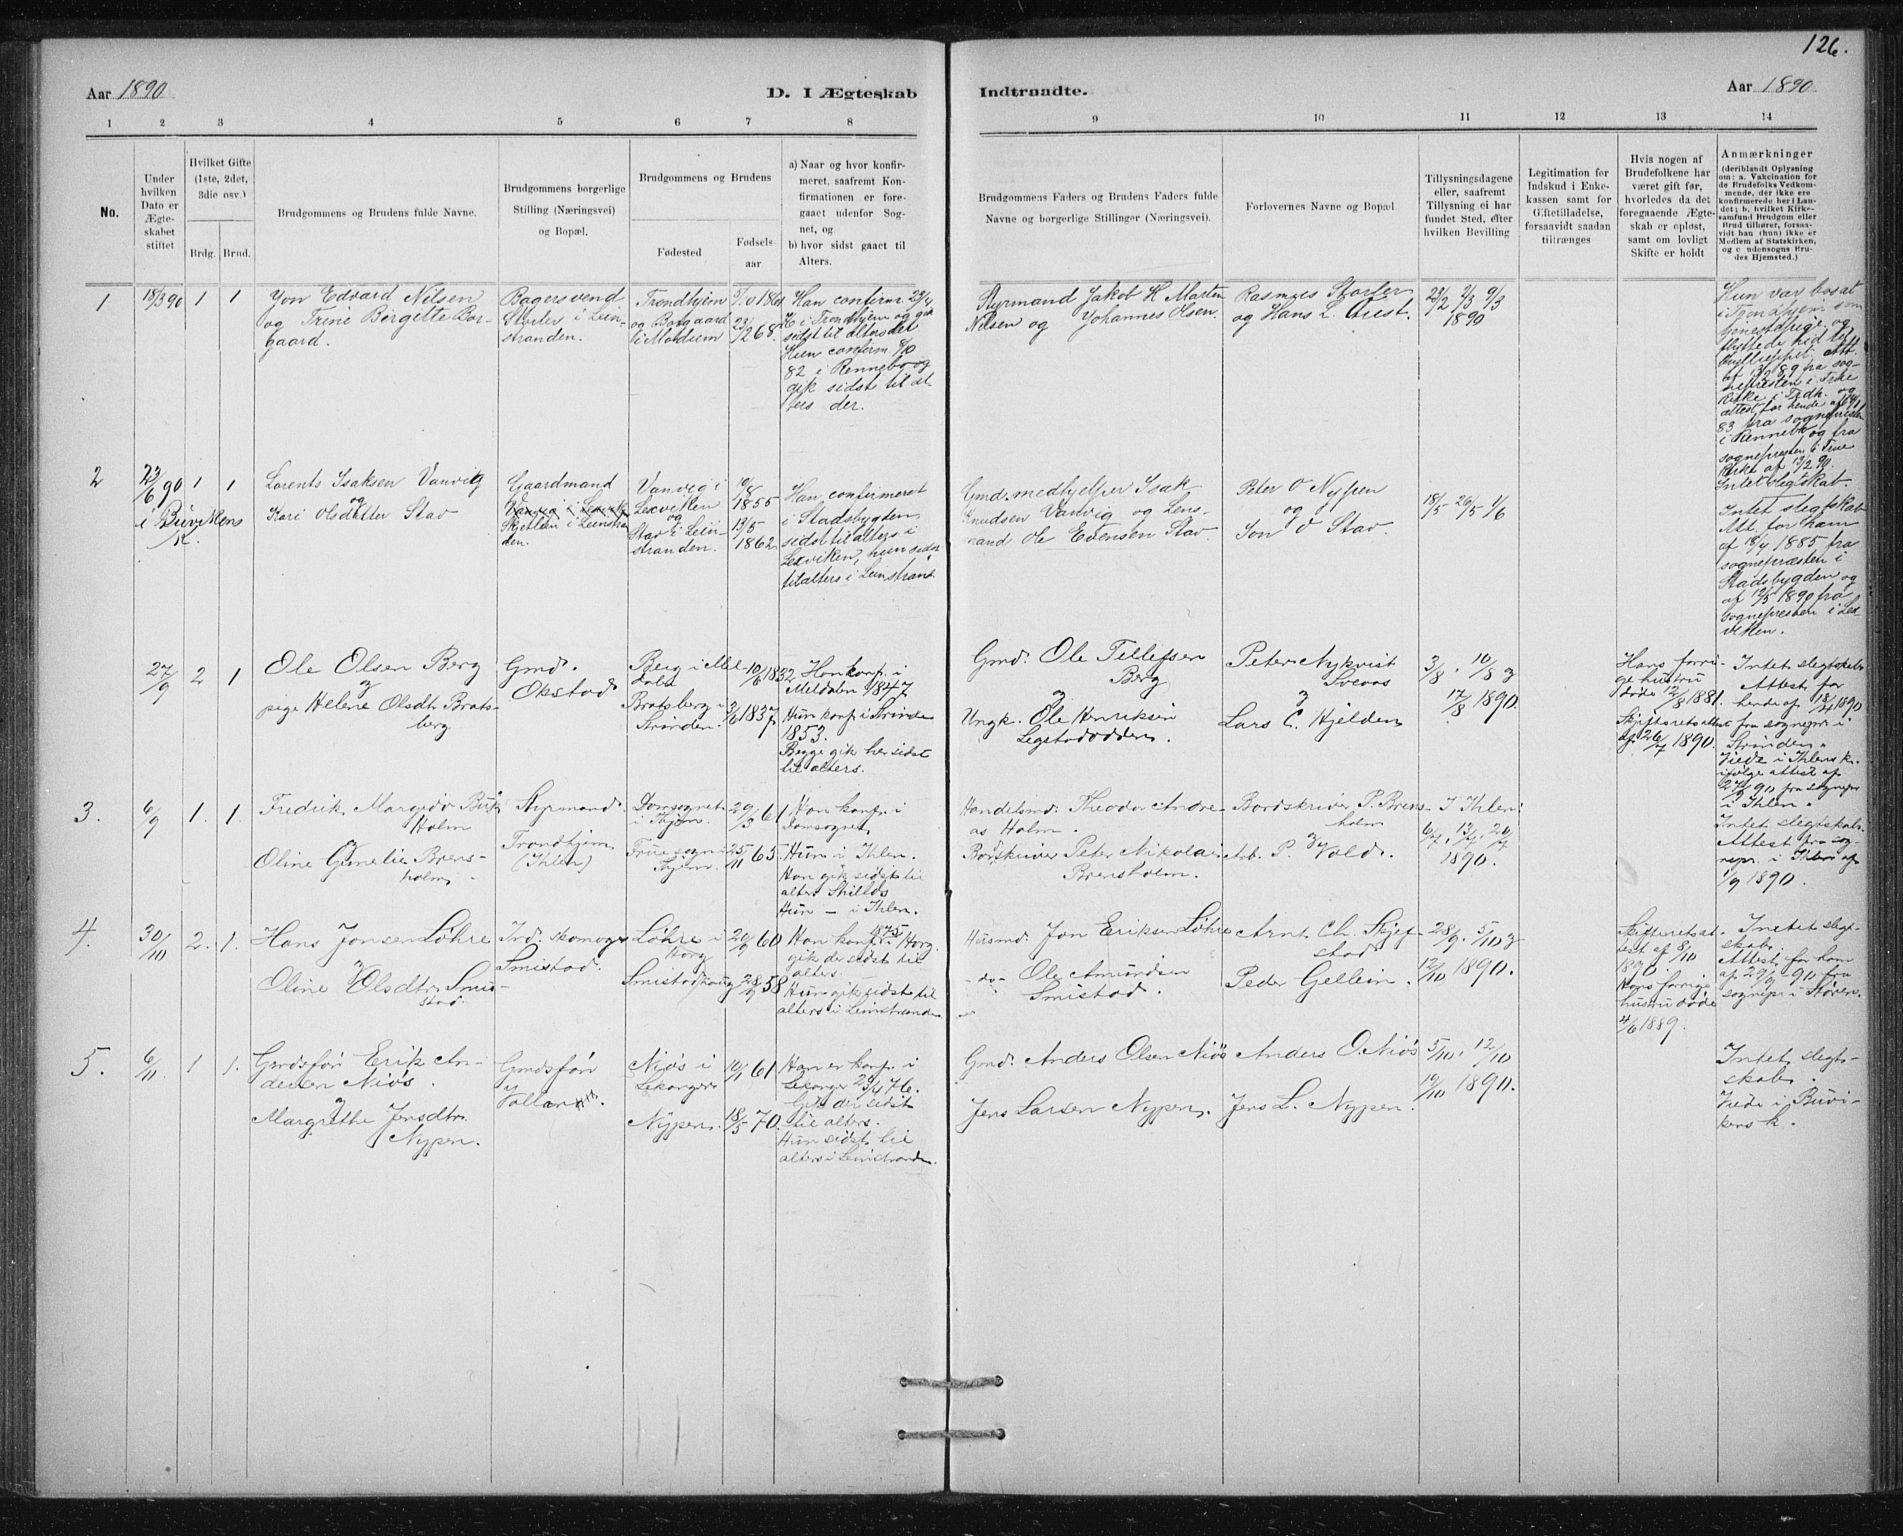 SAT, Ministerialprotokoller, klokkerbøker og fødselsregistre - Sør-Trøndelag, 613/L0392: Ministerialbok nr. 613A01, 1887-1906, s. 126